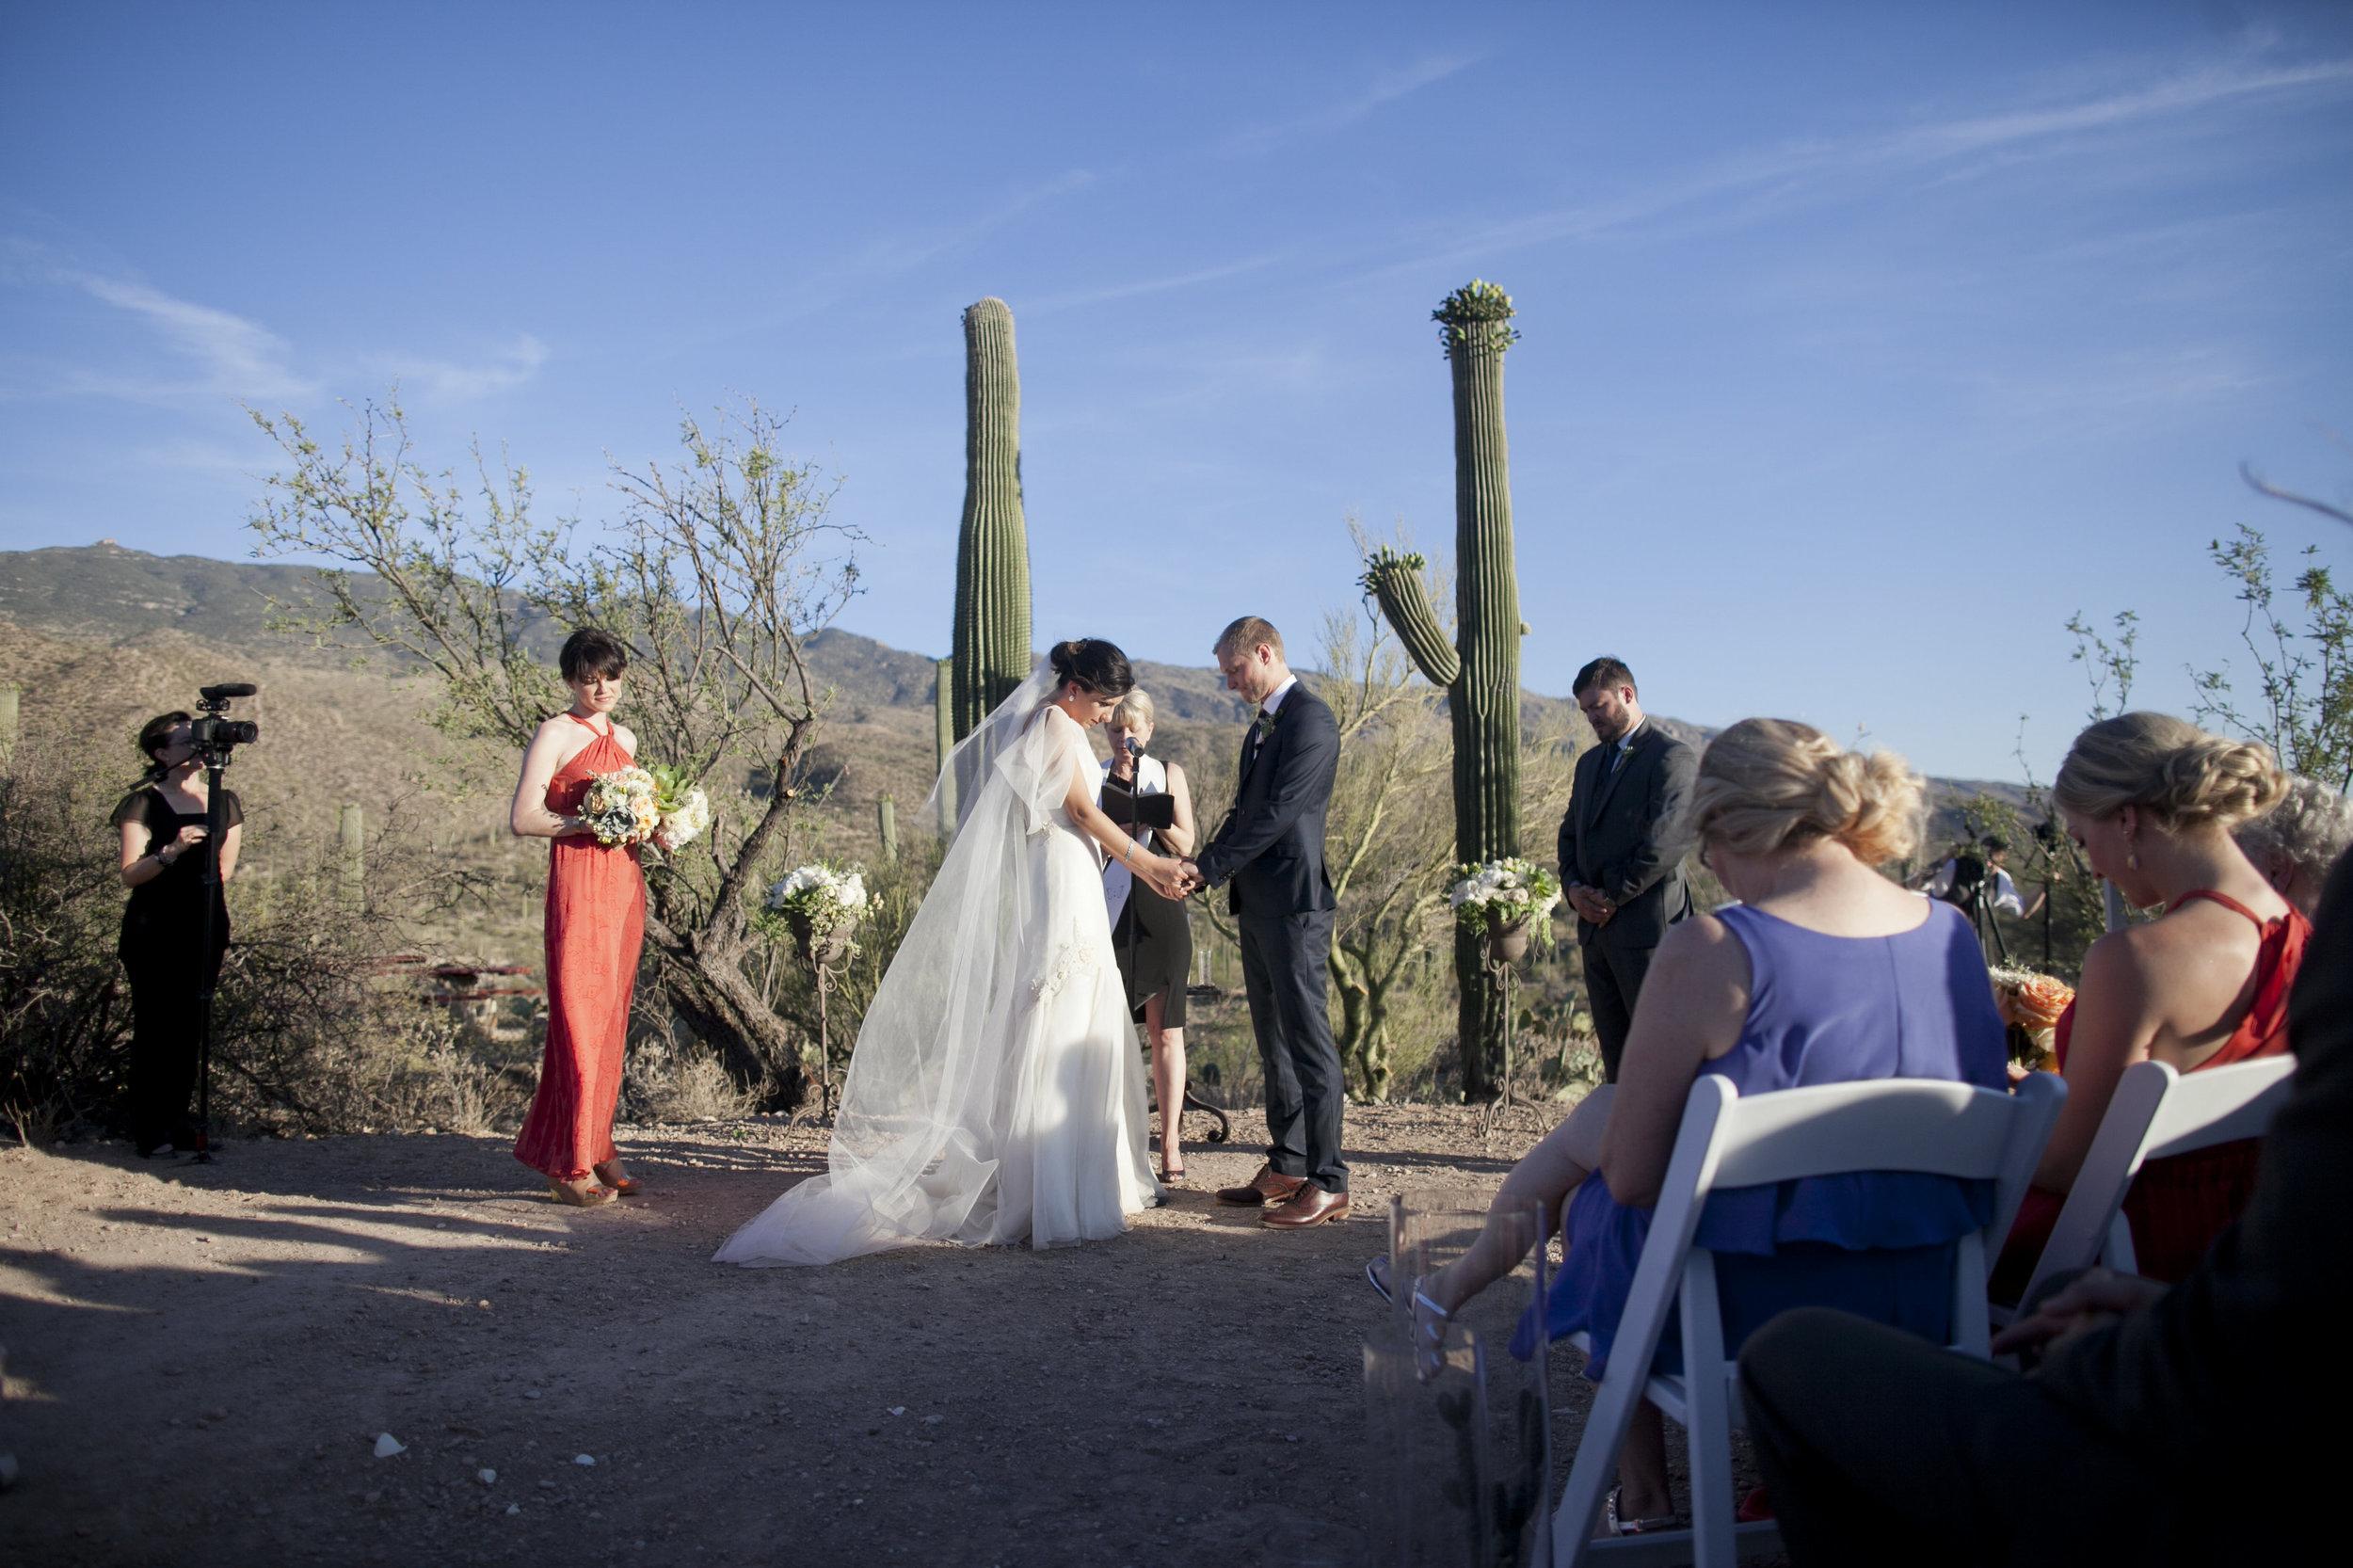 Ceci_New_York_Ceci_Style_Ceci_Johnson_Luxury_Lifestyle_Arizona_Wedding_Watercolor_Inspiration_Design_Custom_Couture_Personalized_Invitations_119.jpg